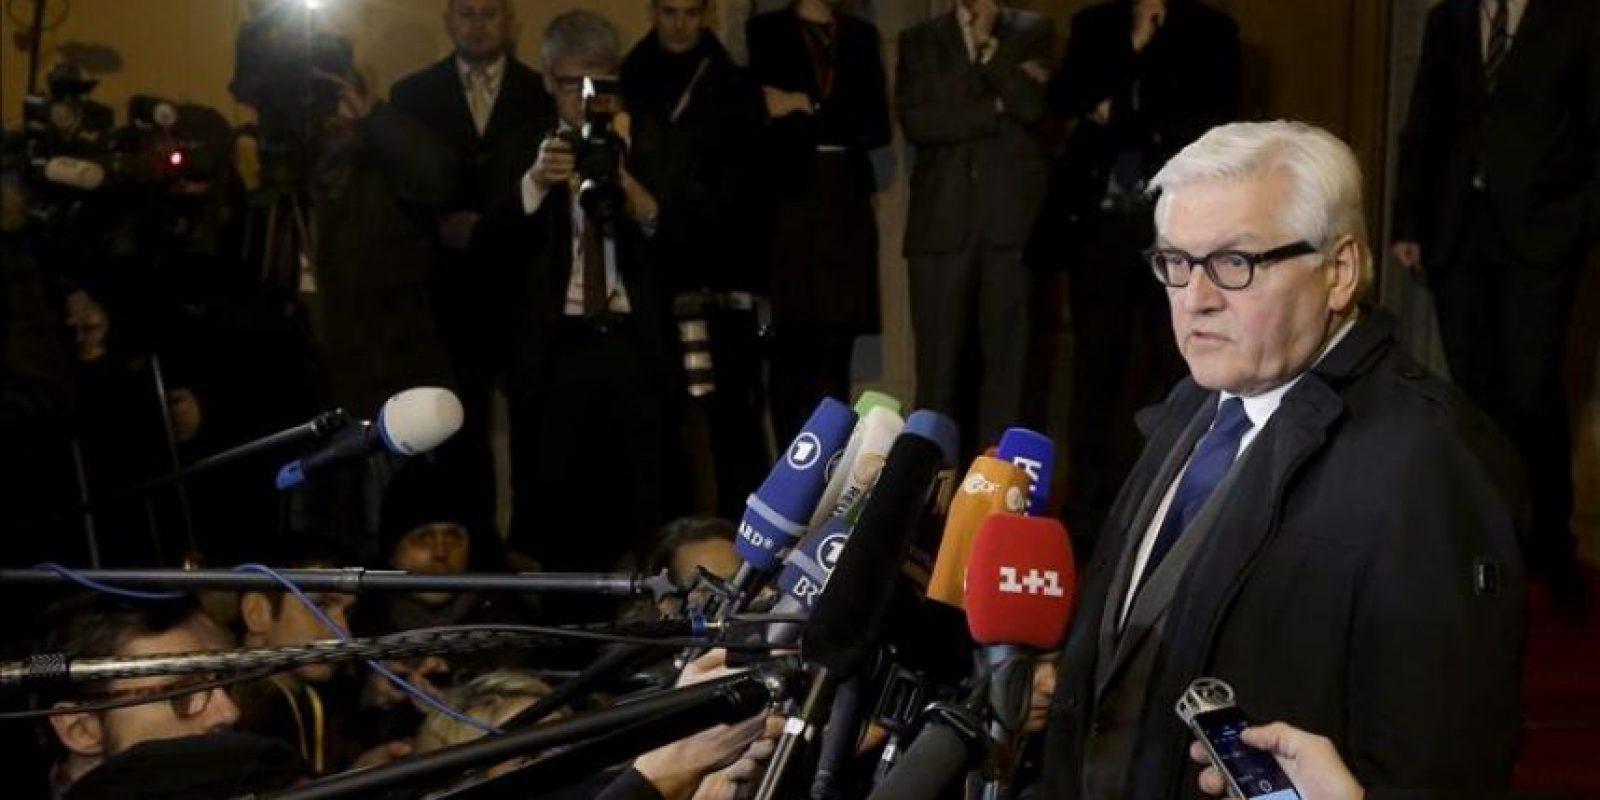 El ministro alemán de Exteriores, Frank-Walter Steinmeier (d) se dirige a los medios antes de su encuentro con sus homólogos, el ruso, Sergei Lavrov, el ucraniano, Pavló Klimkin y el francés, Laurent Fabius (no en la imagen) en Berlín, Alemania hoy 21 de enero de 2015. EFE